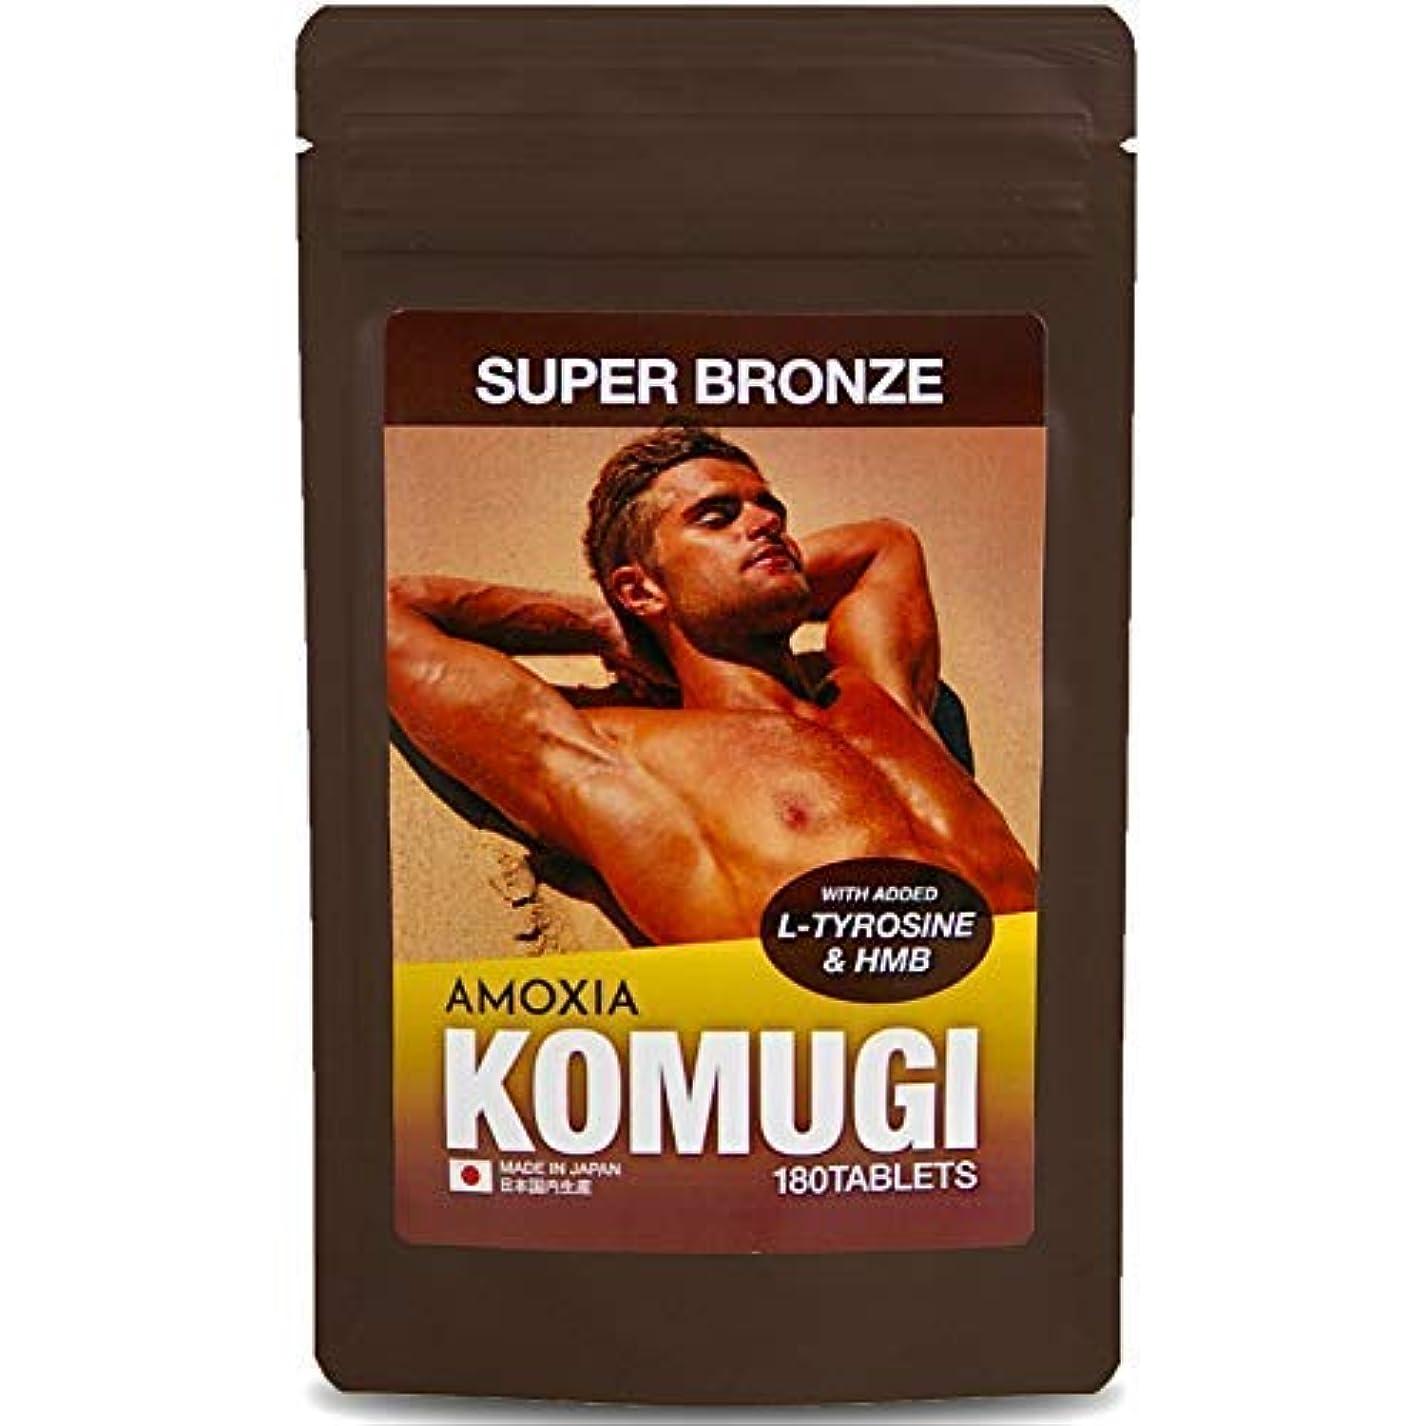 バース欠席象KOMUGI 日焼けと筋肉増強で新発想の飲むタンニング タンニングサプリメント 安心の国産 HMB配合 国産シェア100%